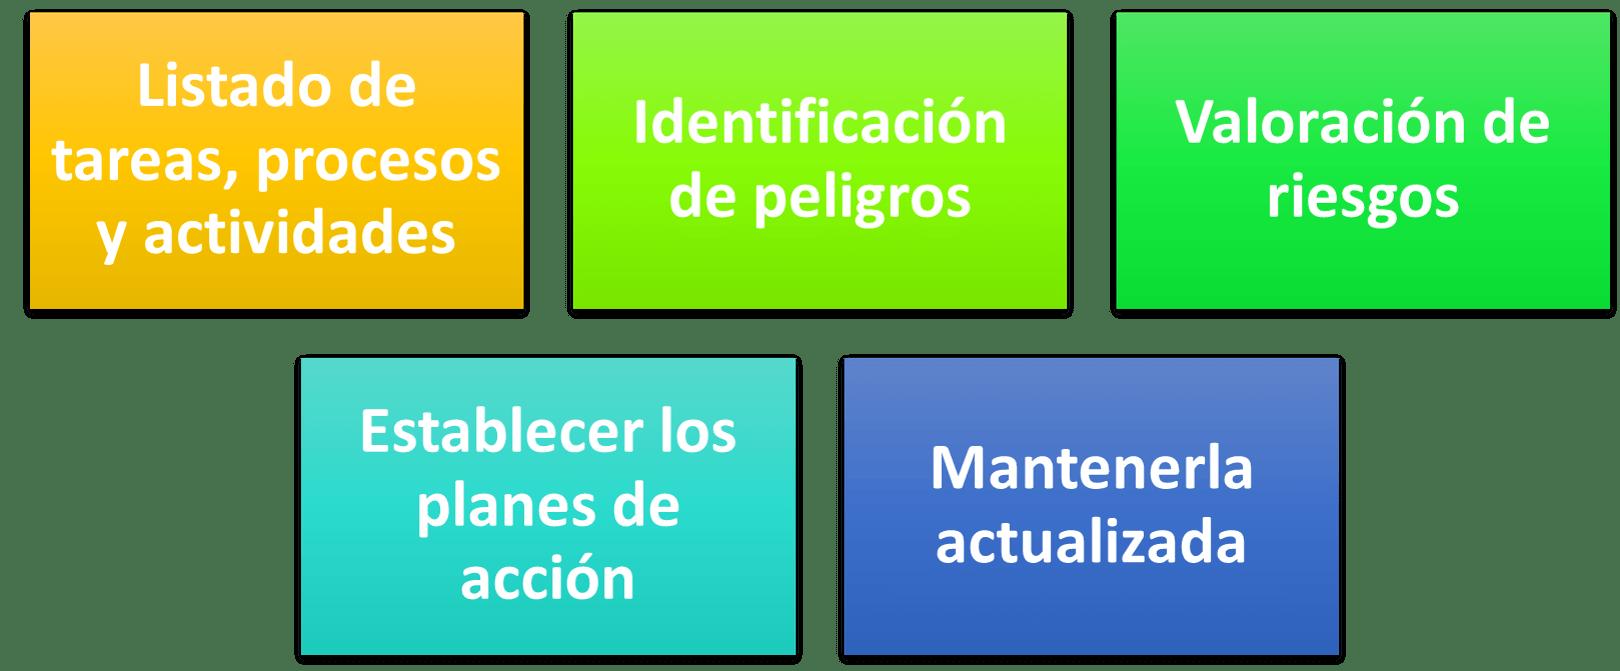 Pasos para la identificación de los peligros y valoración de riesgos